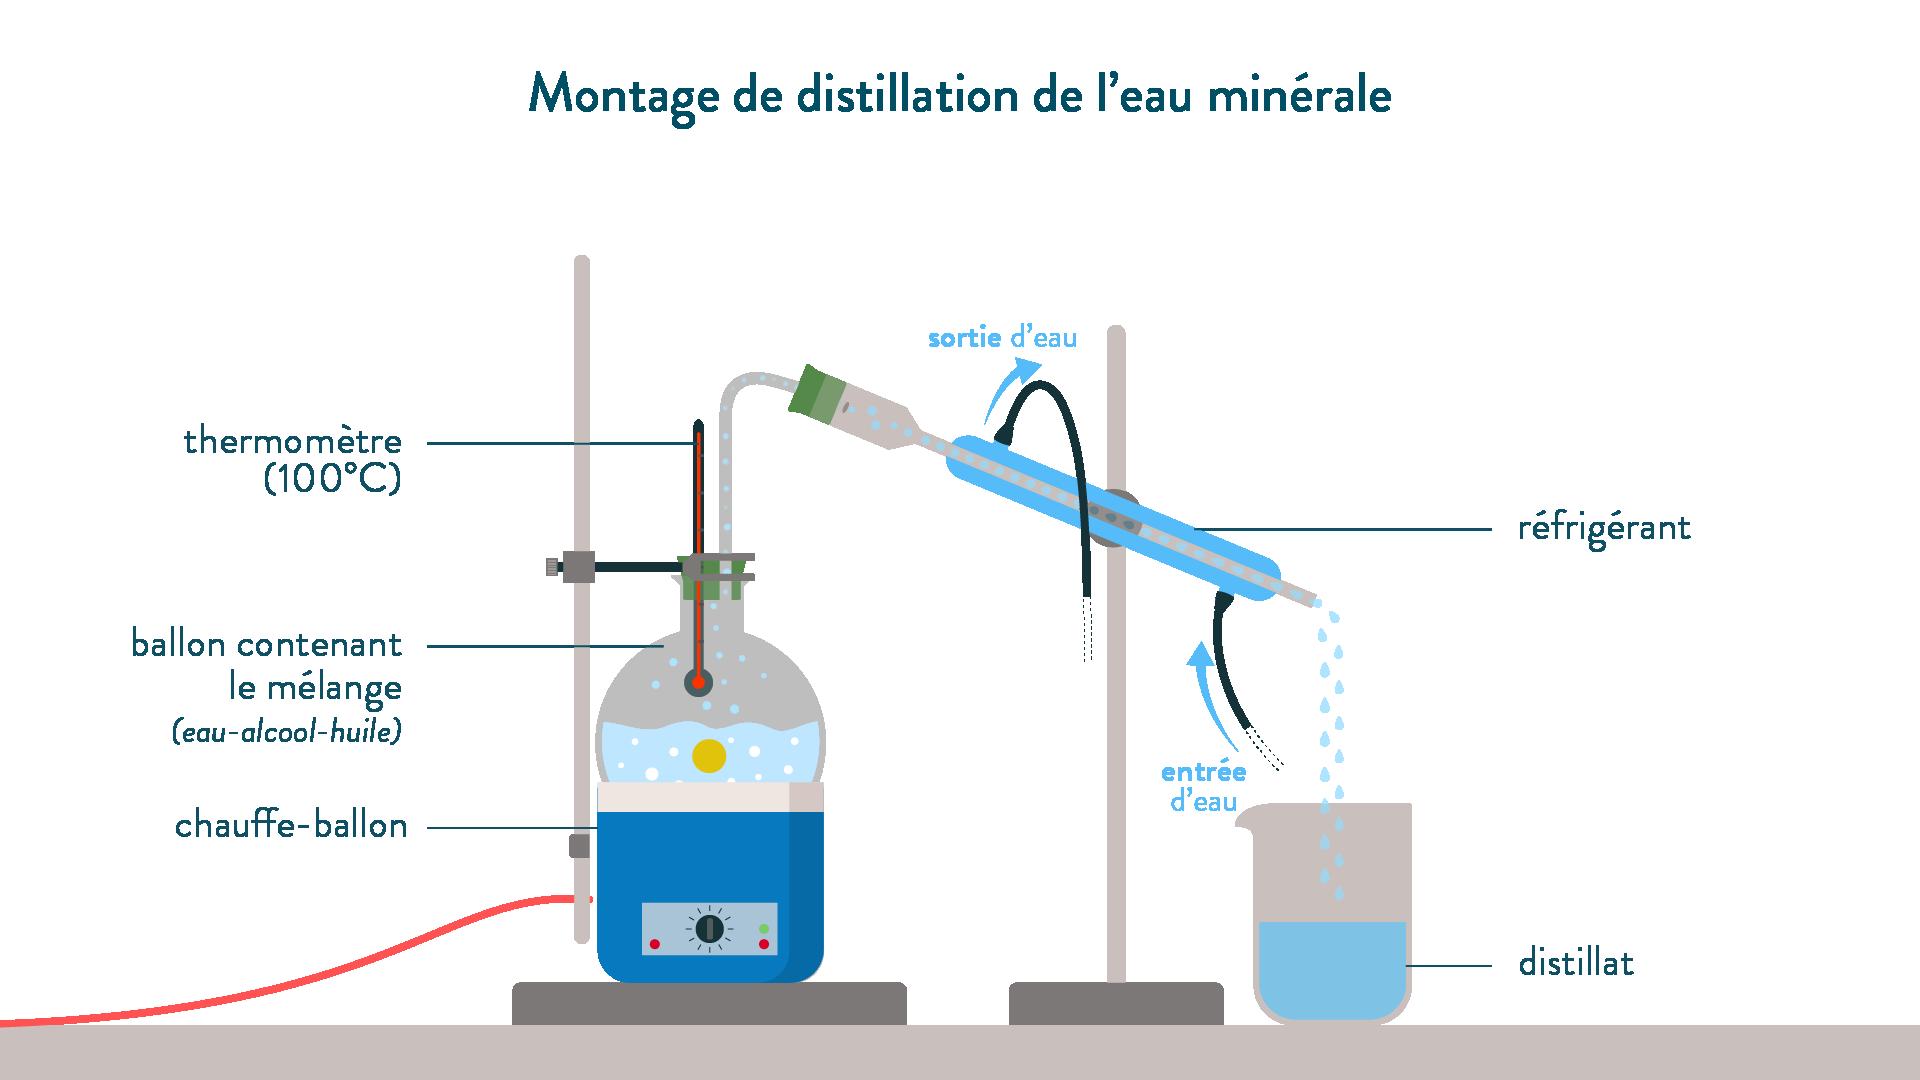 Montage de distillation de l'eau minérale